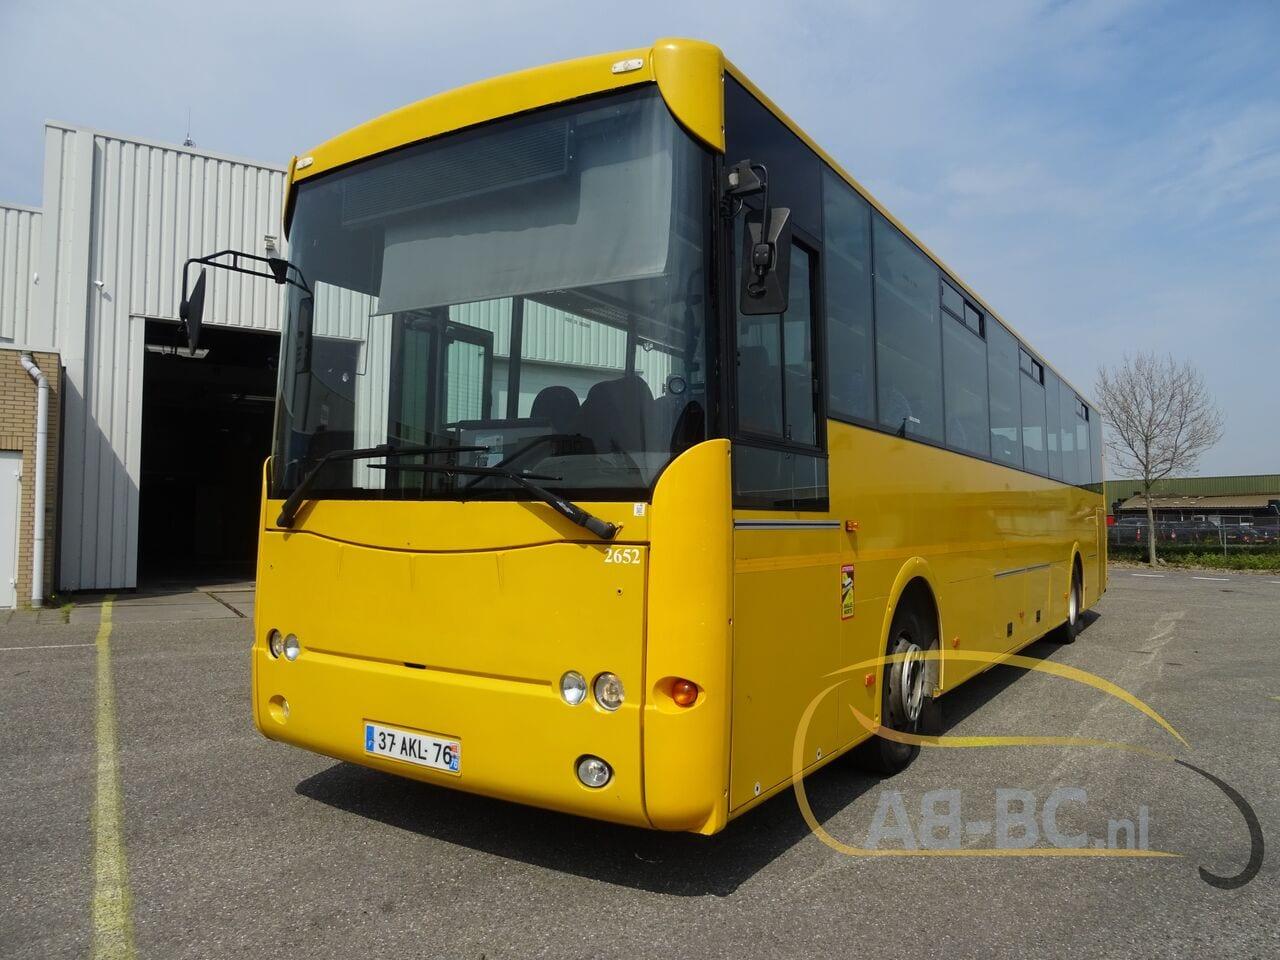 interurban-busMAN-Fast-64-seats---1619619679454606403_big_d1fa8a339be804a17571c1345a1d39cd--21042817163019598600